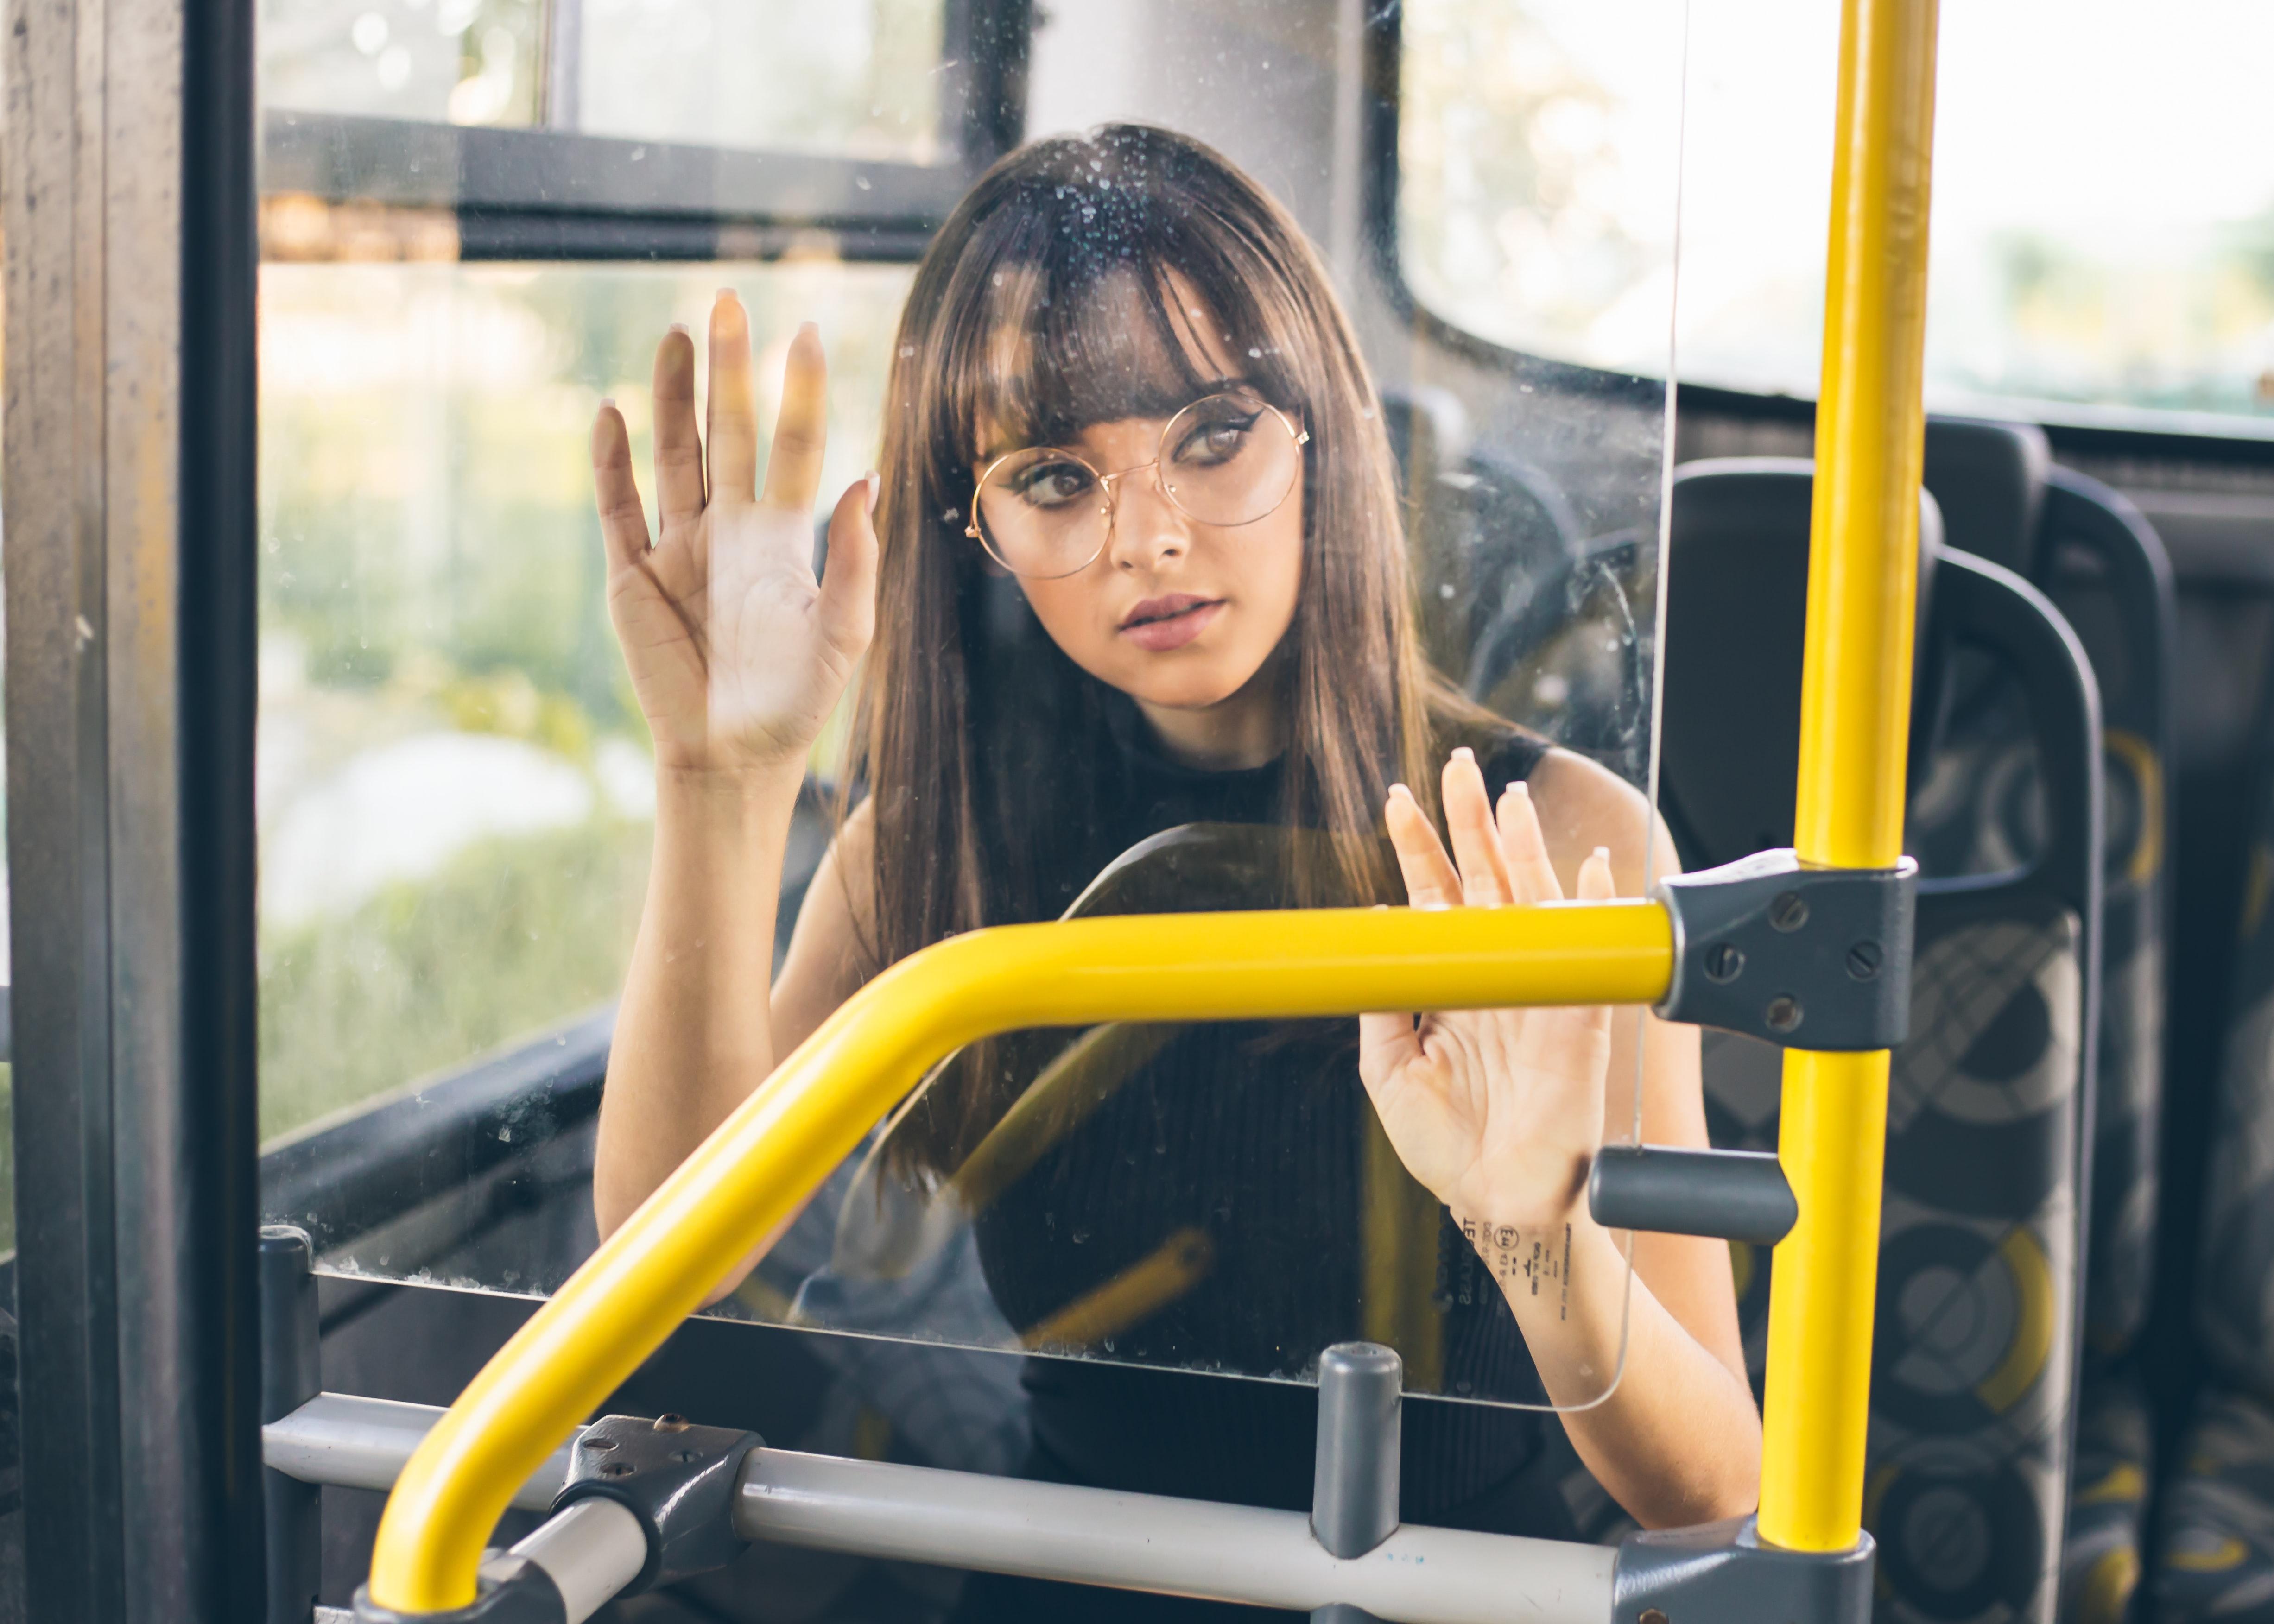 Bus Public